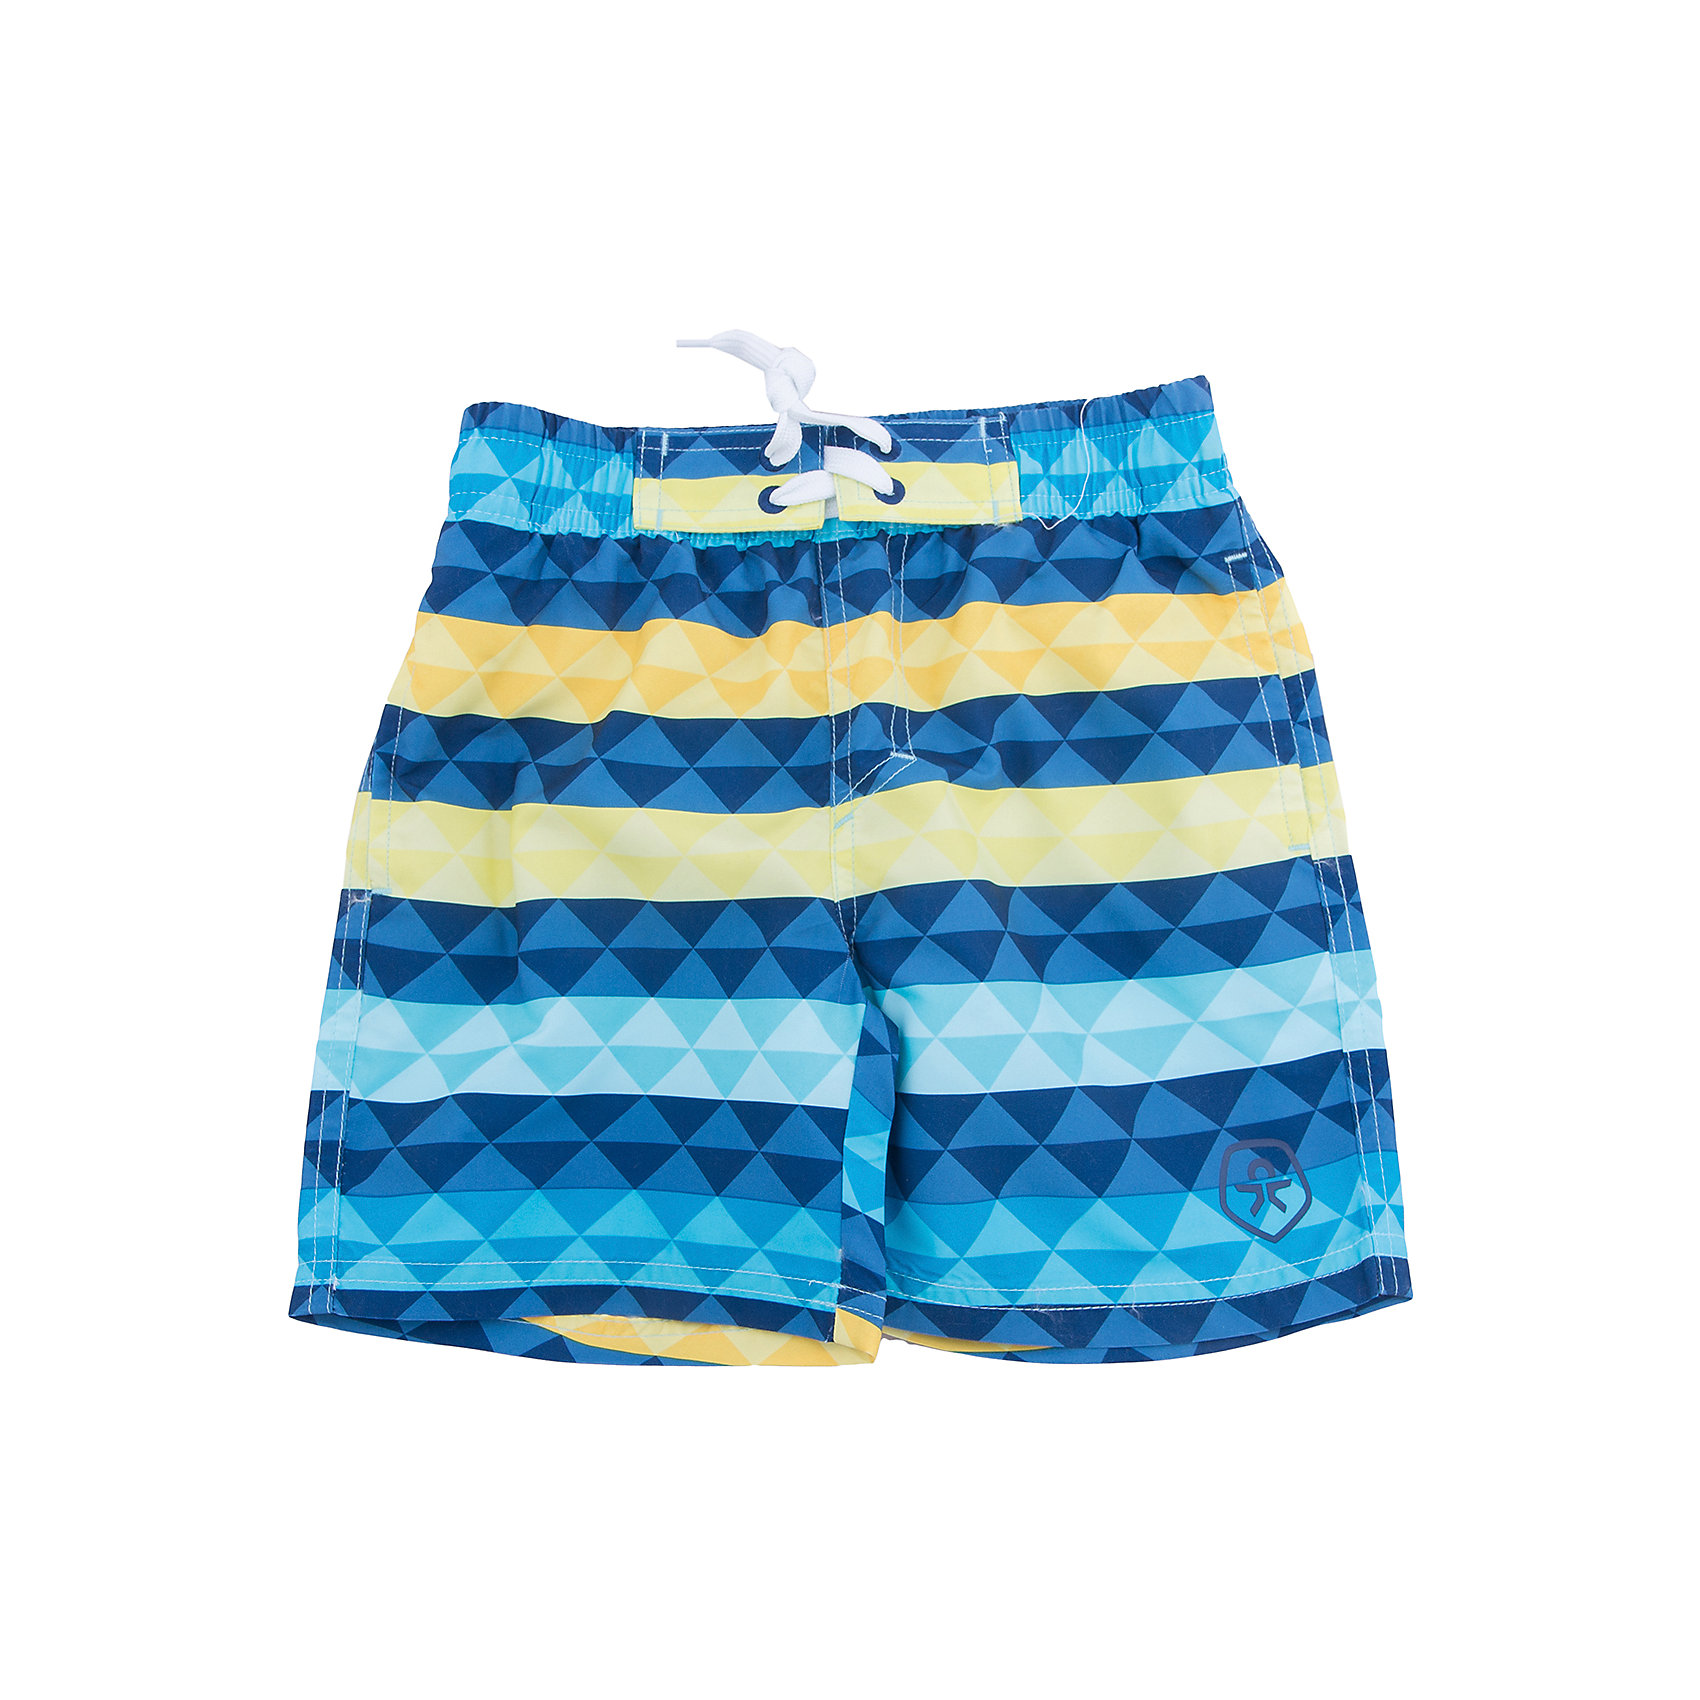 Плавки-шорты Color KidsШорты, бриджи, капри<br>Характеристики товара:<br><br>• состав: 100 % полиэстер, микро-волокно<br>• пояс: резинка <br>• быстросохнущий материал<br>• логотип<br>• комфортная посадка<br>• страна бренда: Дания<br>• страна изготовитель: Китай<br><br>Одежда для пляжного отдыха может быть и стильной, и удобной! Эти шорты сделаны из легкого материала, который быстро сохнет, поэтому в них можно купаться.<br><br>Шорты от датского бренда Color Kids (Колор кидз) можно купить в нашем интернет-магазине.<br><br>Ширина мм: 183<br>Глубина мм: 60<br>Высота мм: 135<br>Вес г: 119<br>Цвет: голубой<br>Возраст от месяцев: 132<br>Возраст до месяцев: 144<br>Пол: Мужской<br>Возраст: Детский<br>Размер: 152,104,116,128,140<br>SKU: 5442877